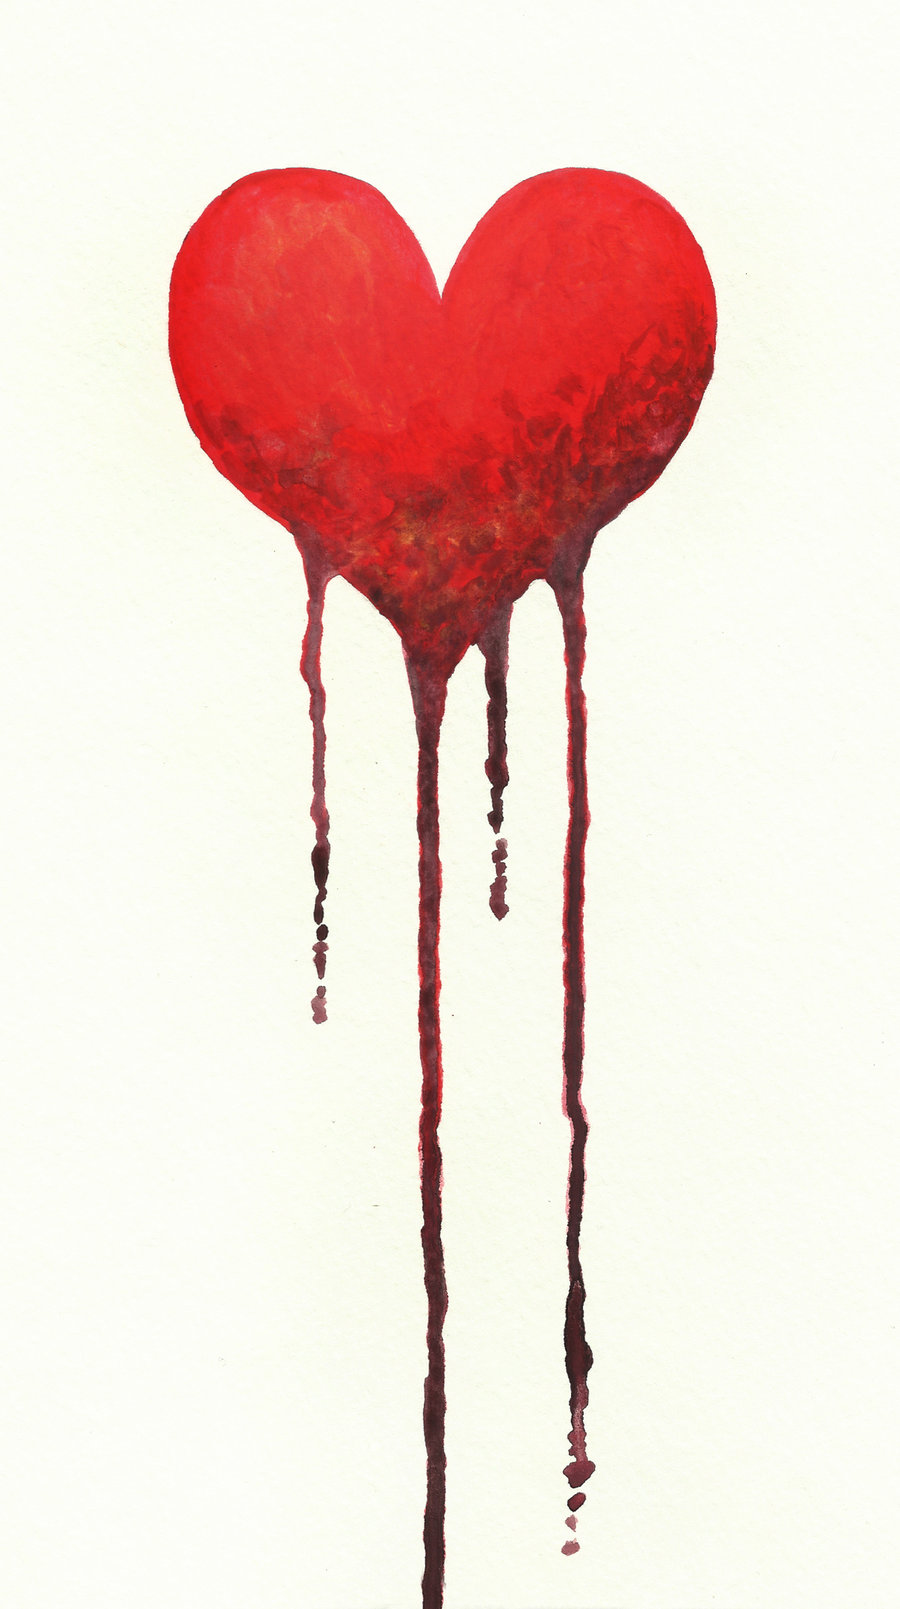 900x1609 Bleeding Heart Drawings Bleeding Heart Of Darkness 1 By Dark